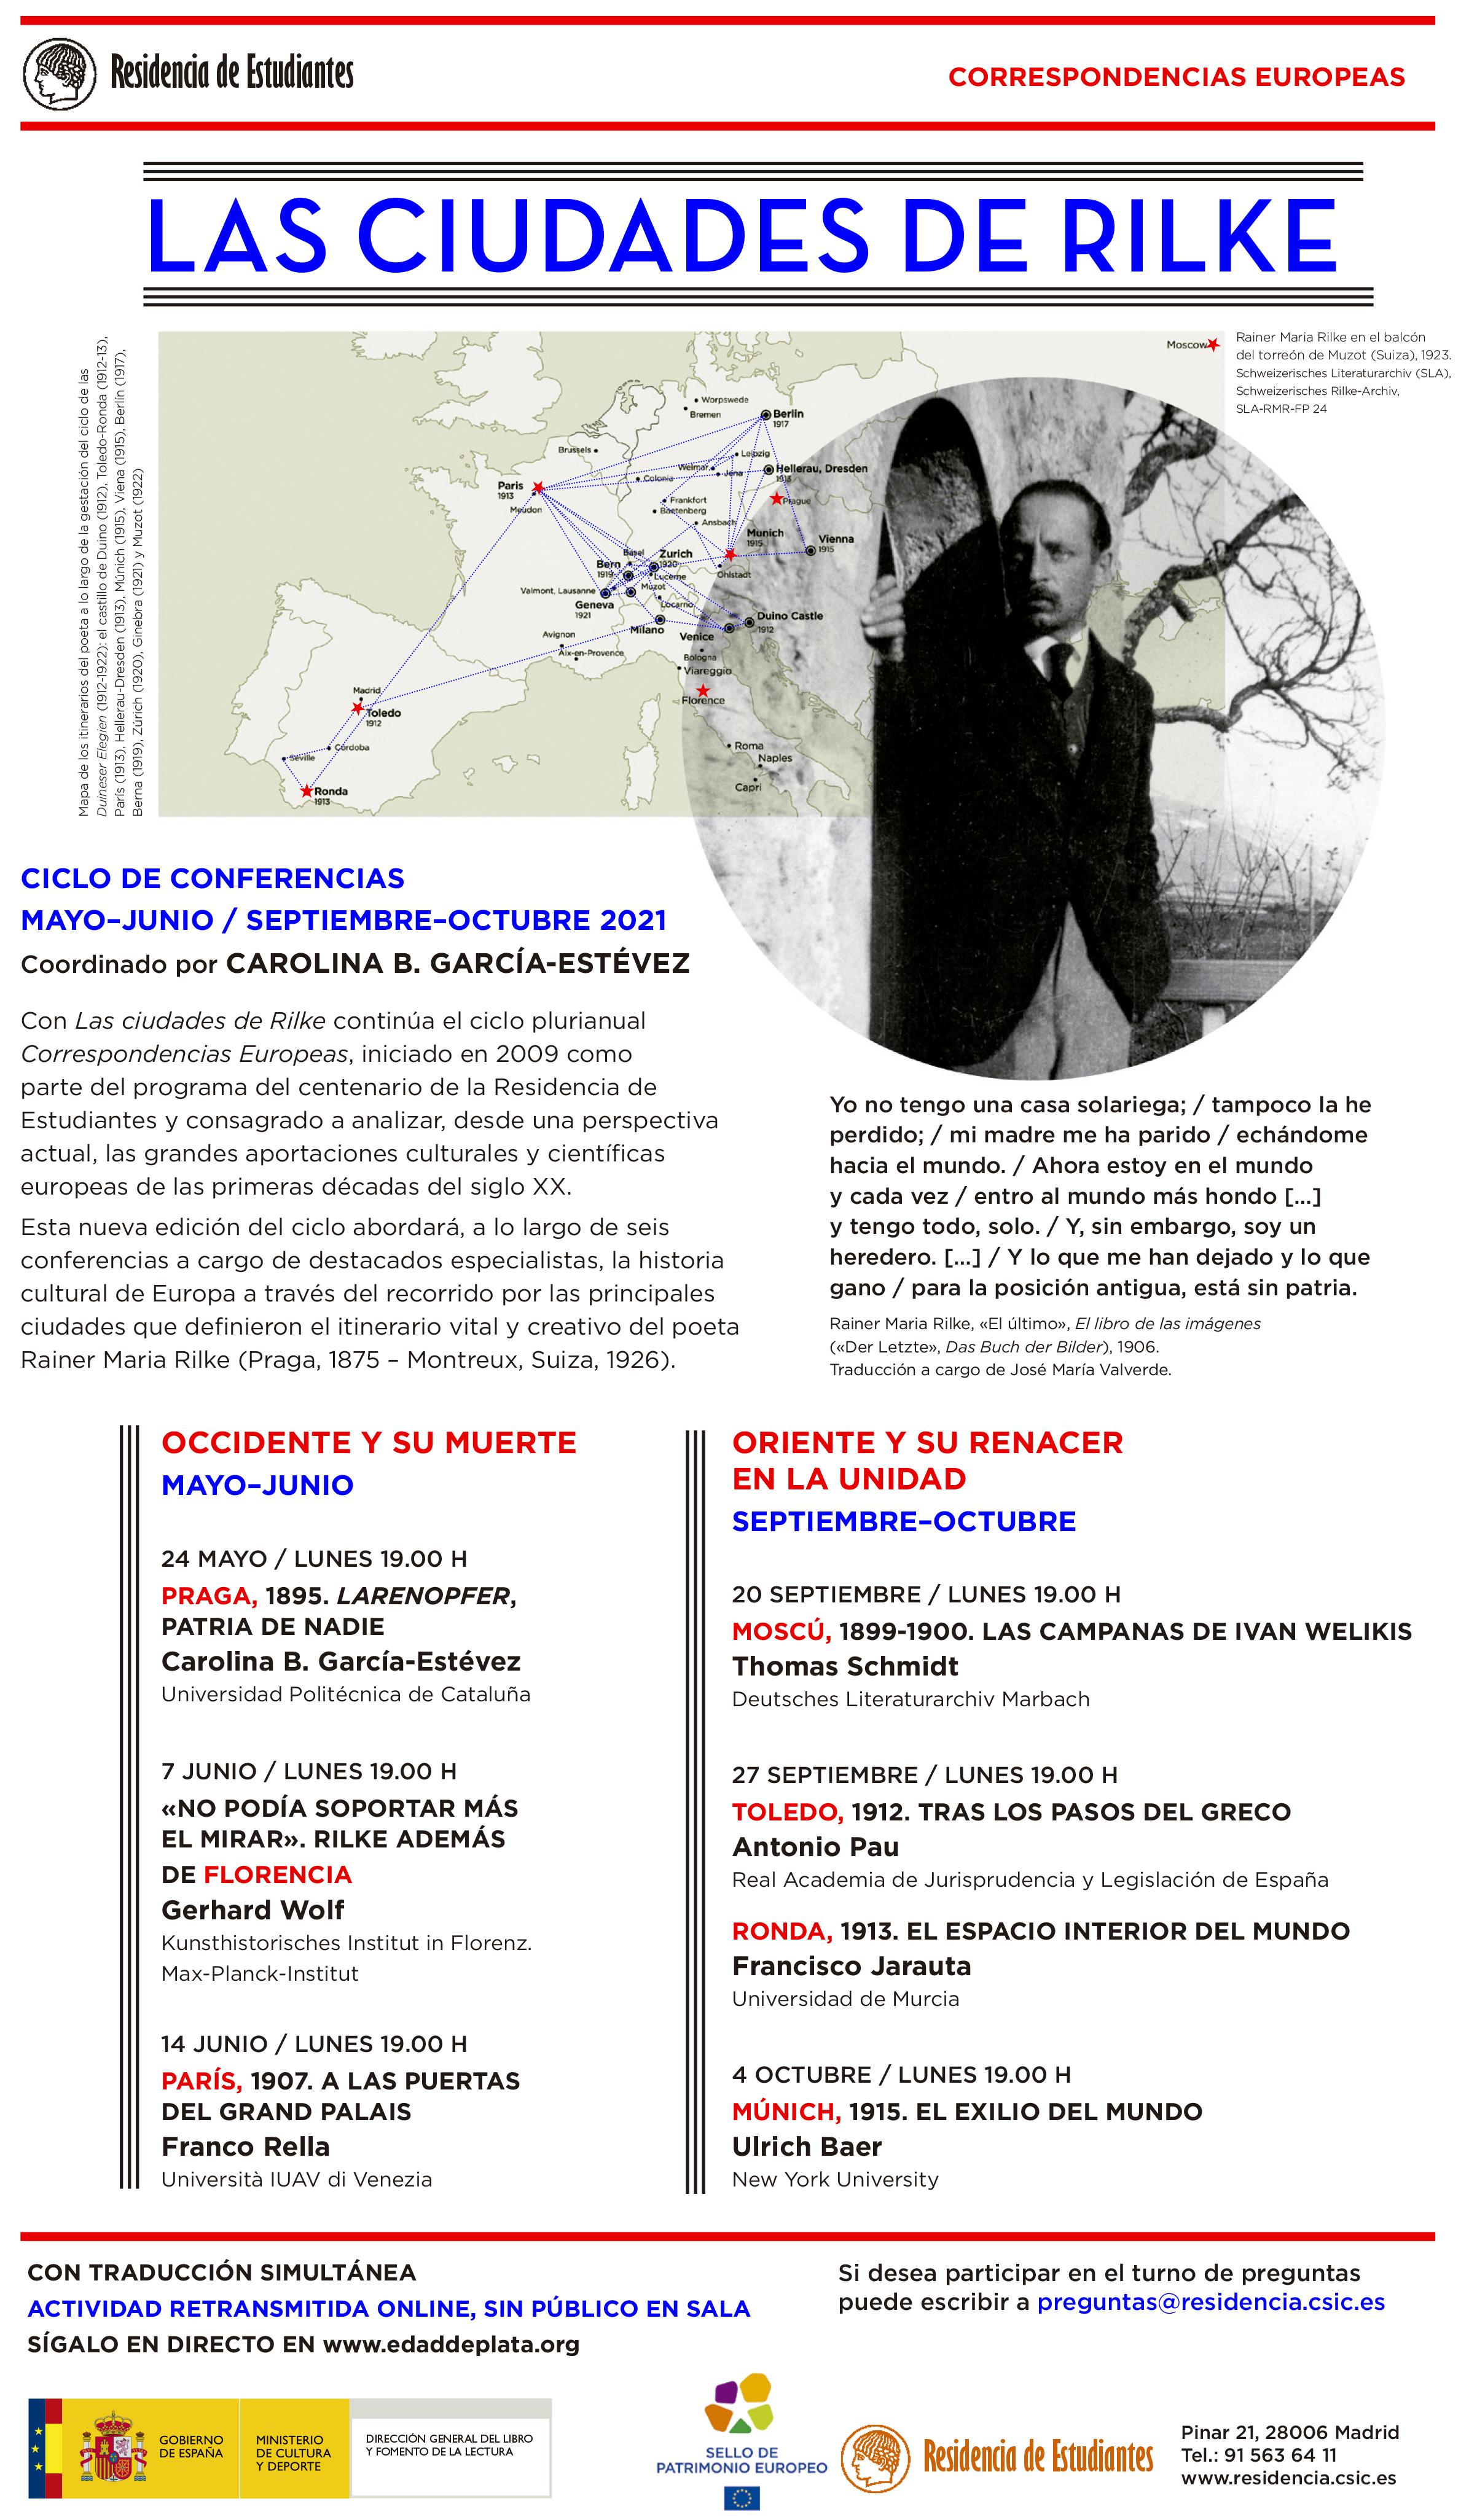 Correspondencias europeas-Las ciudades de Rilke.jpg